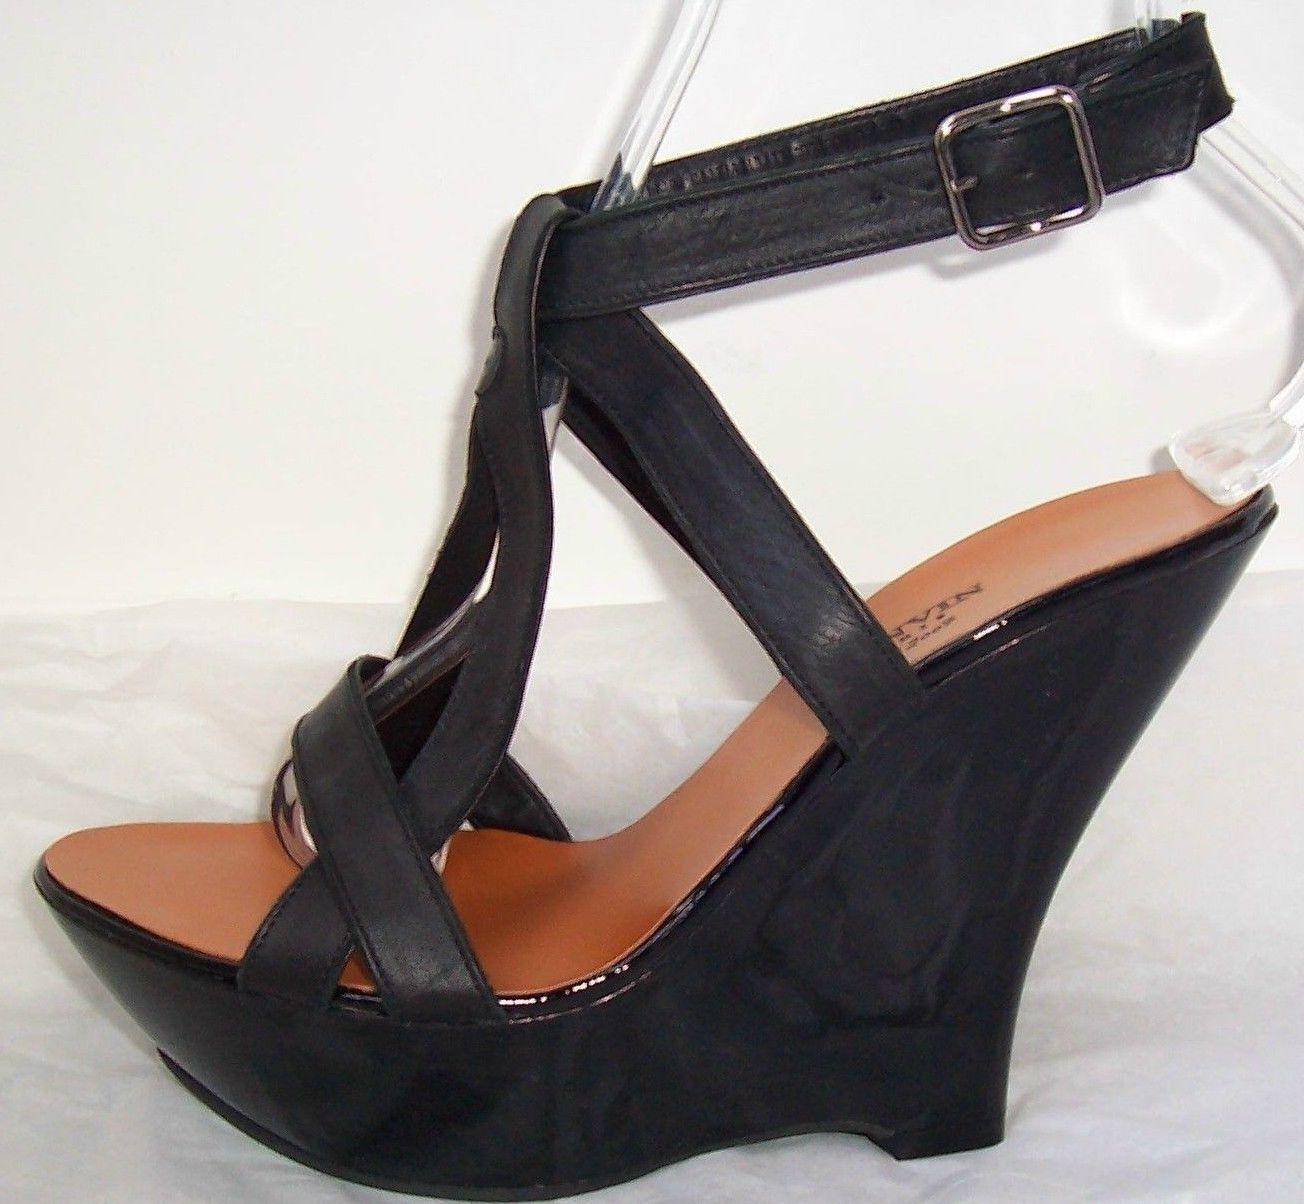 Lanvin Sandalias de de de Cuña con Plataforma de patente de cuero negro zapatos 37 7  ganancia cero